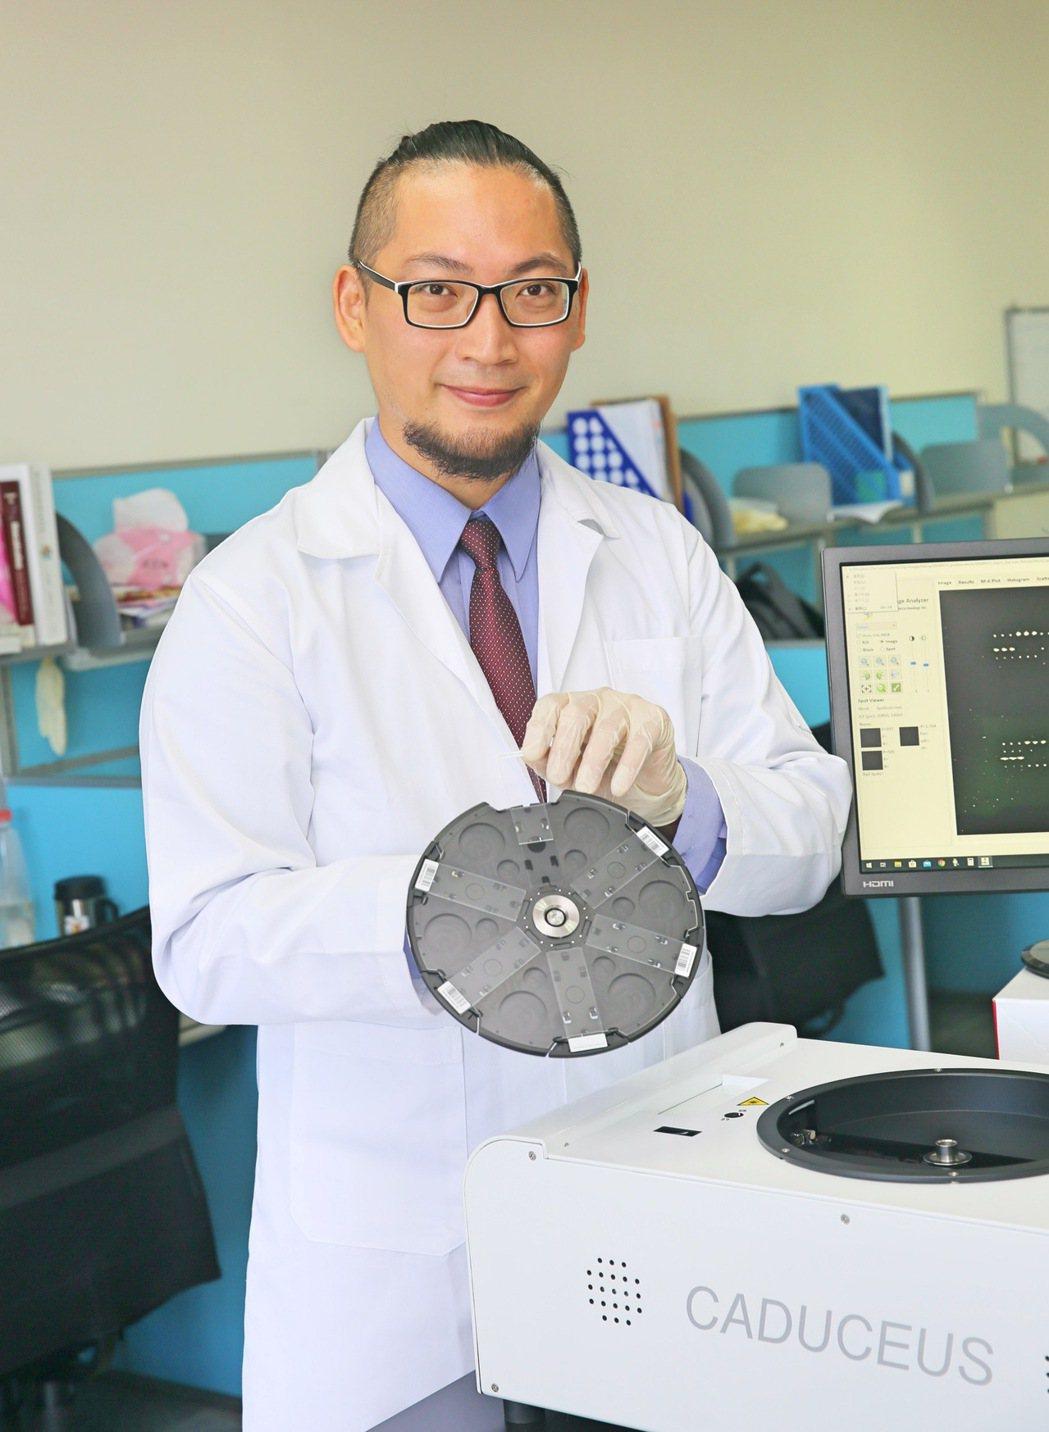 成大生物科技與產業科學系許觀達助理教授以奈米科技製作COVID-19蛋白檢測晶片...